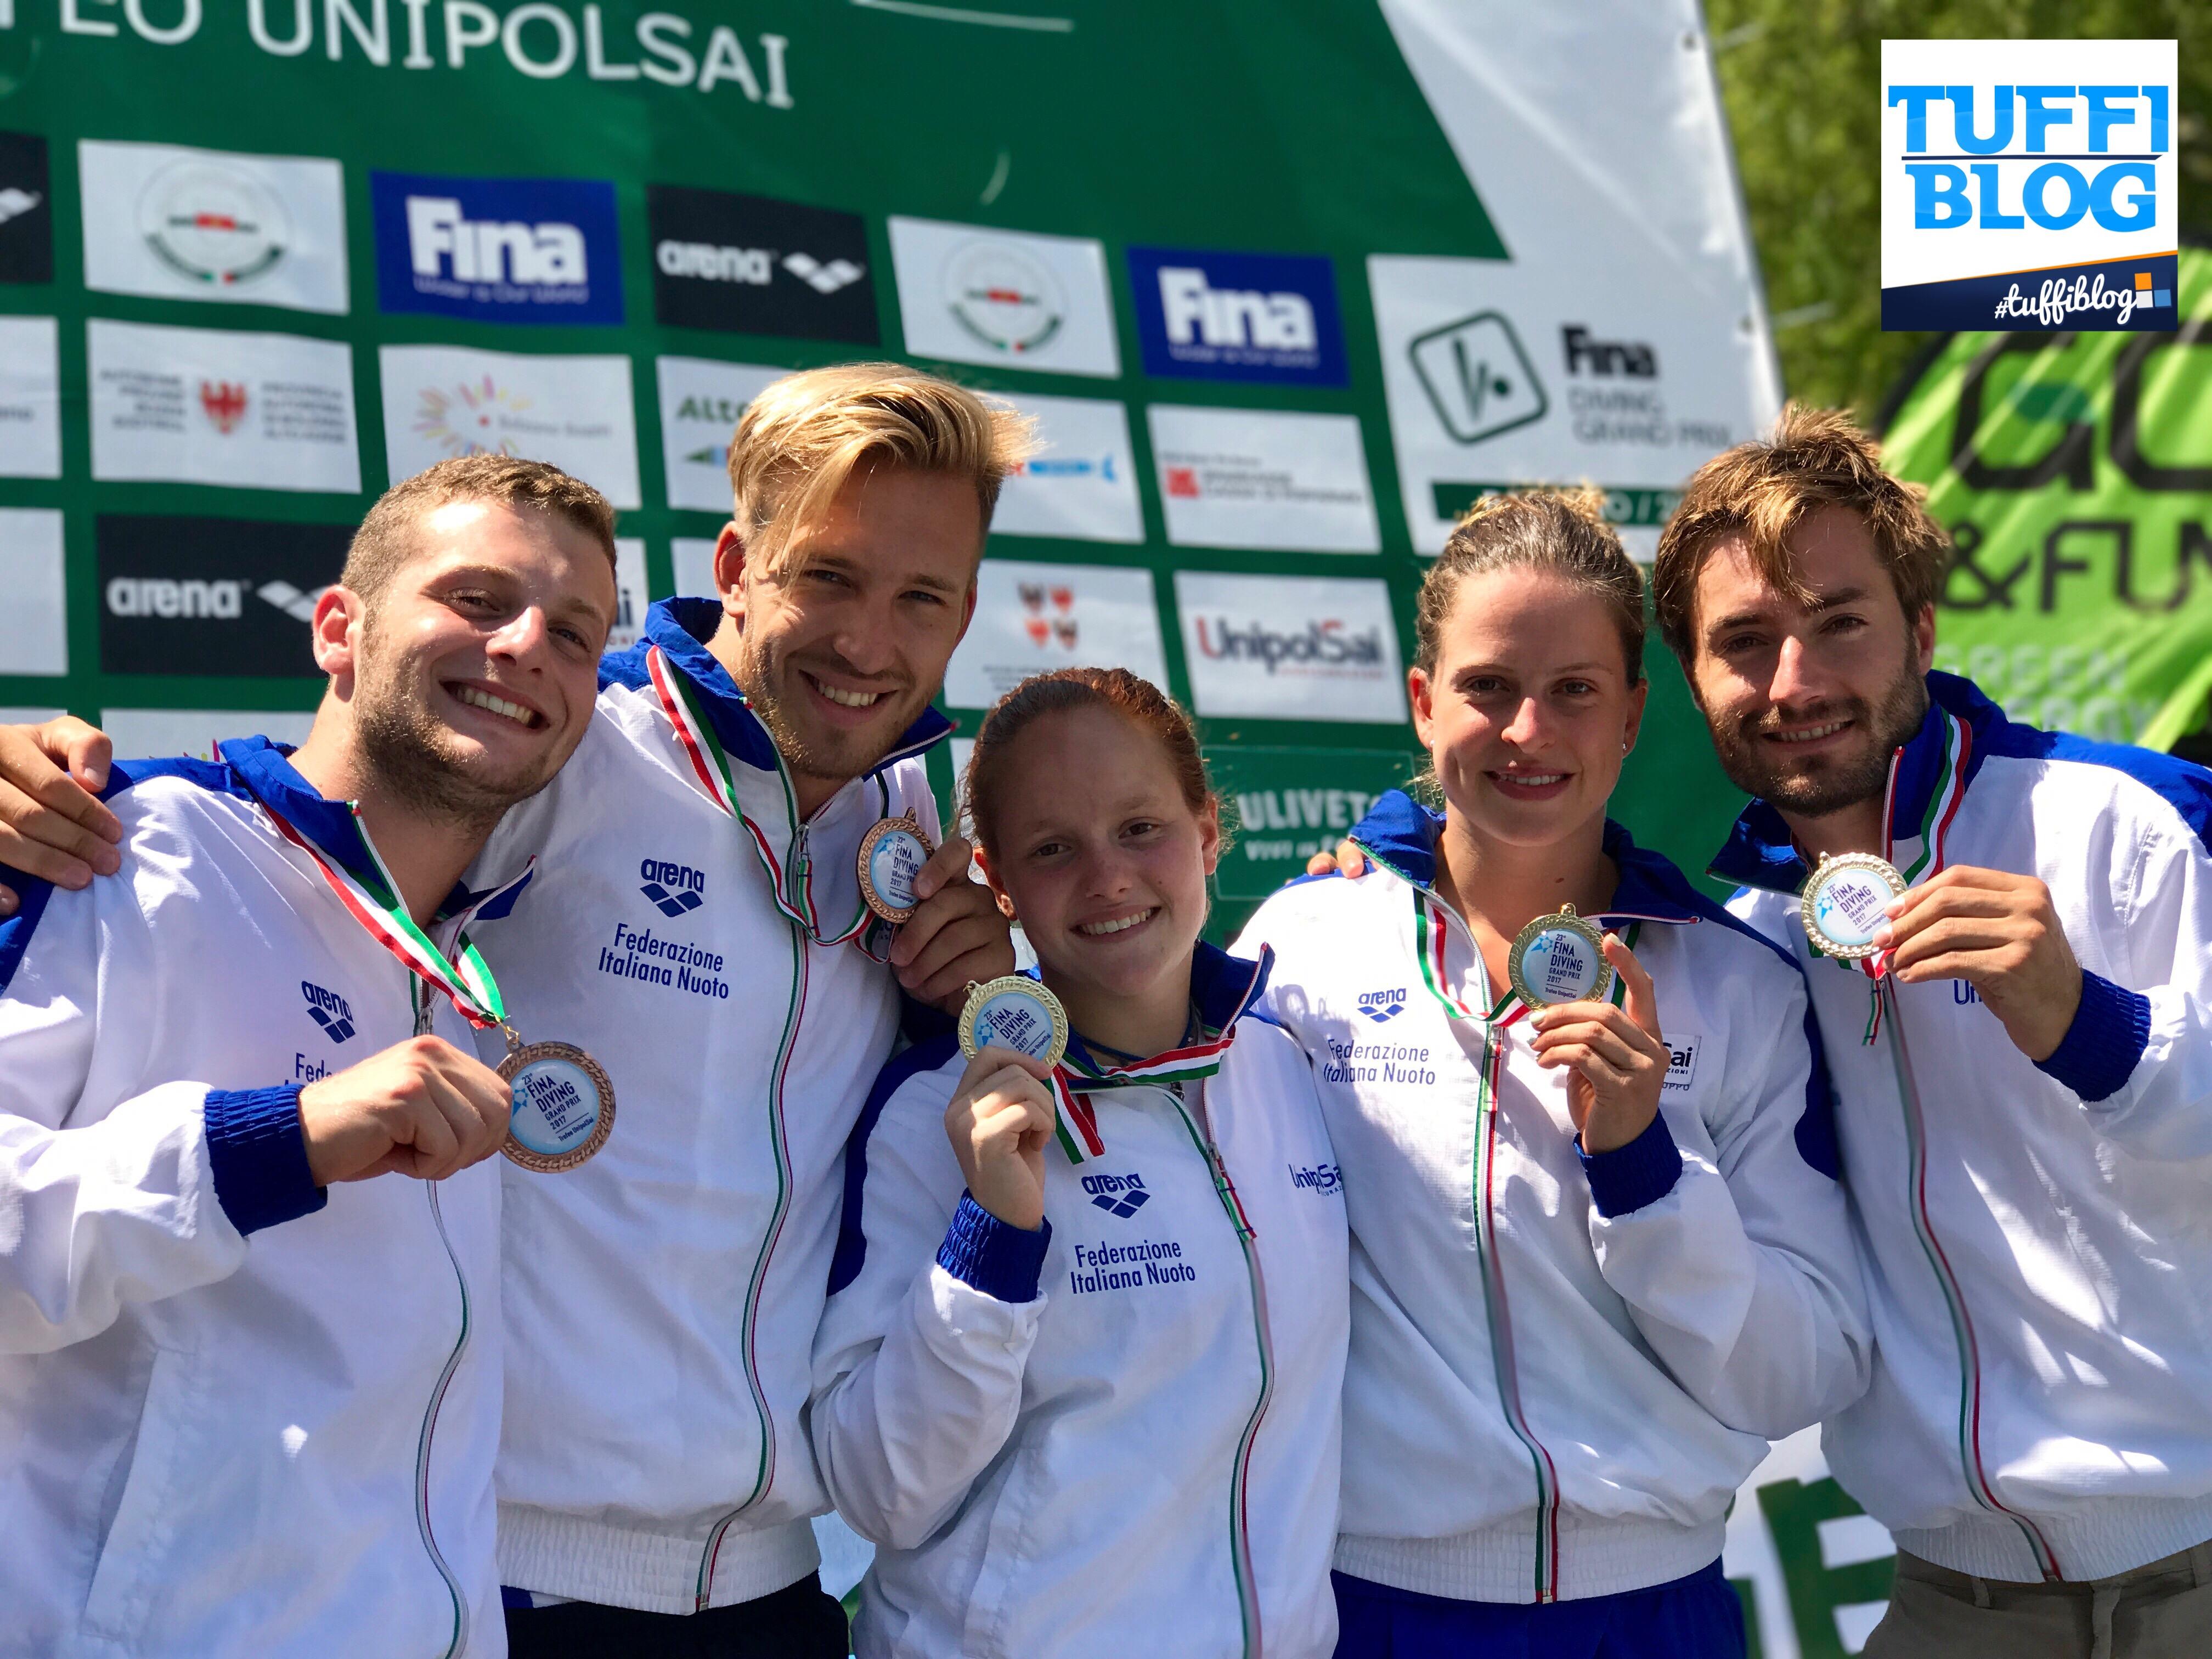 GP di Bolzano: Pioggia di medaglie!